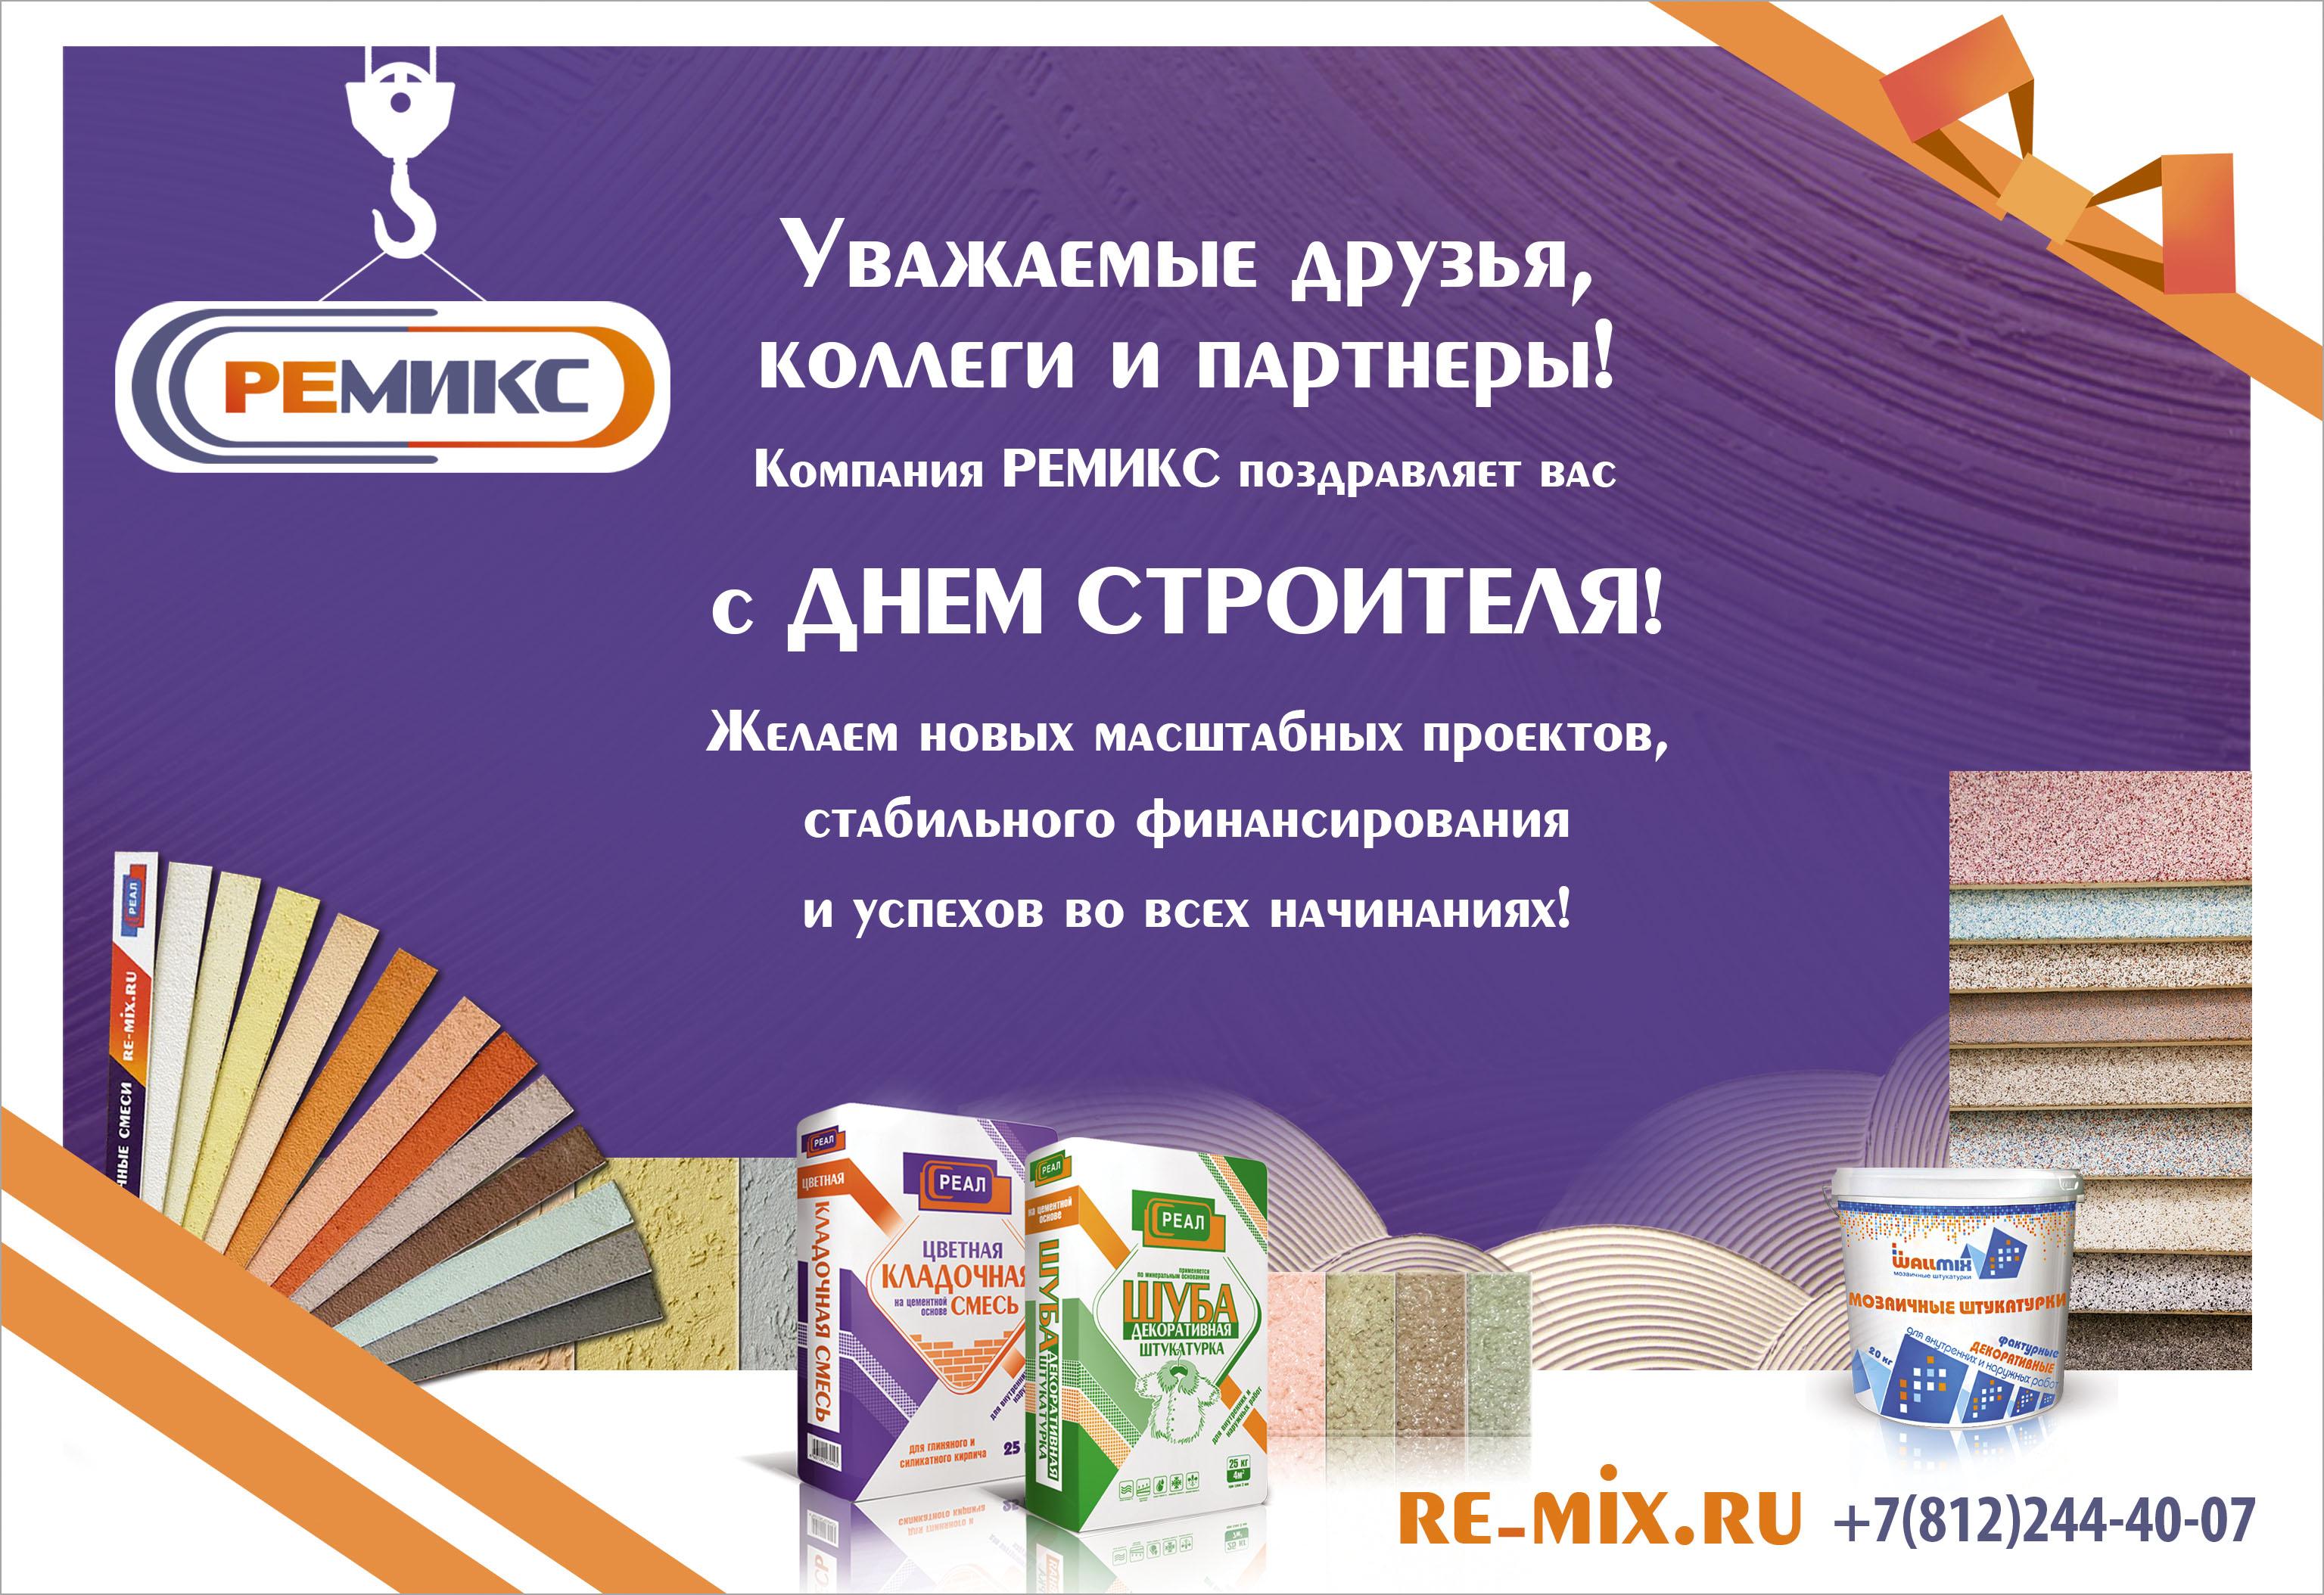 Открытка РЕМИКС ко Дню Строителя